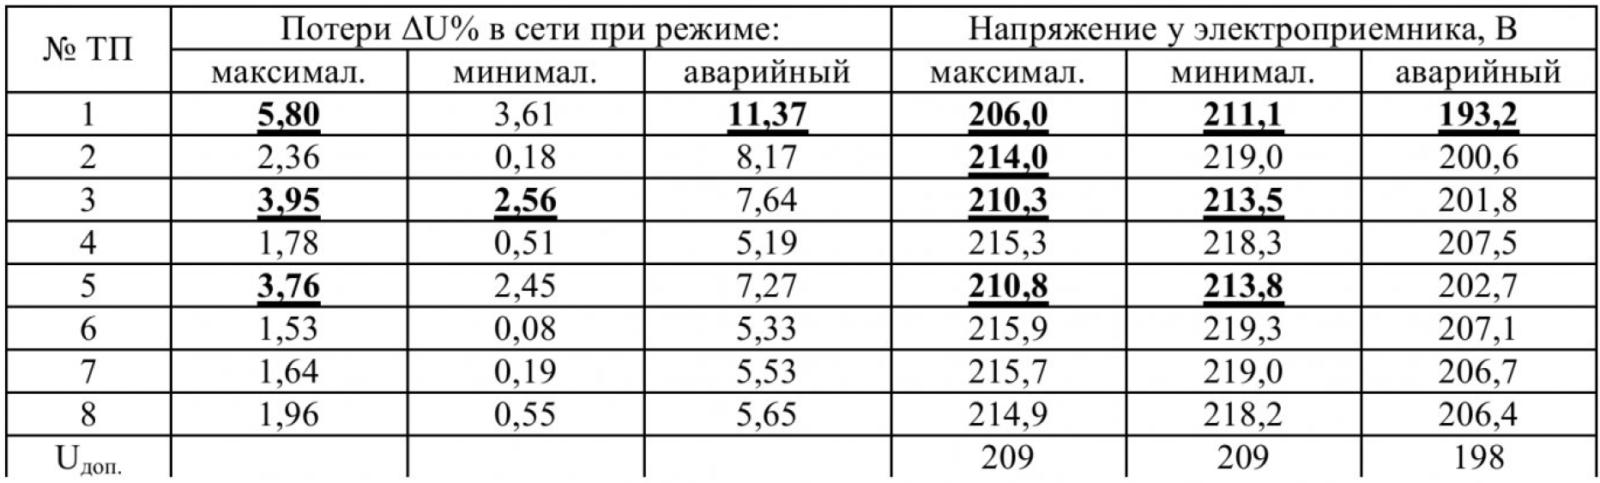 Таблица 1 – Потери напряжения в распределительной сети п. Зеленогорский